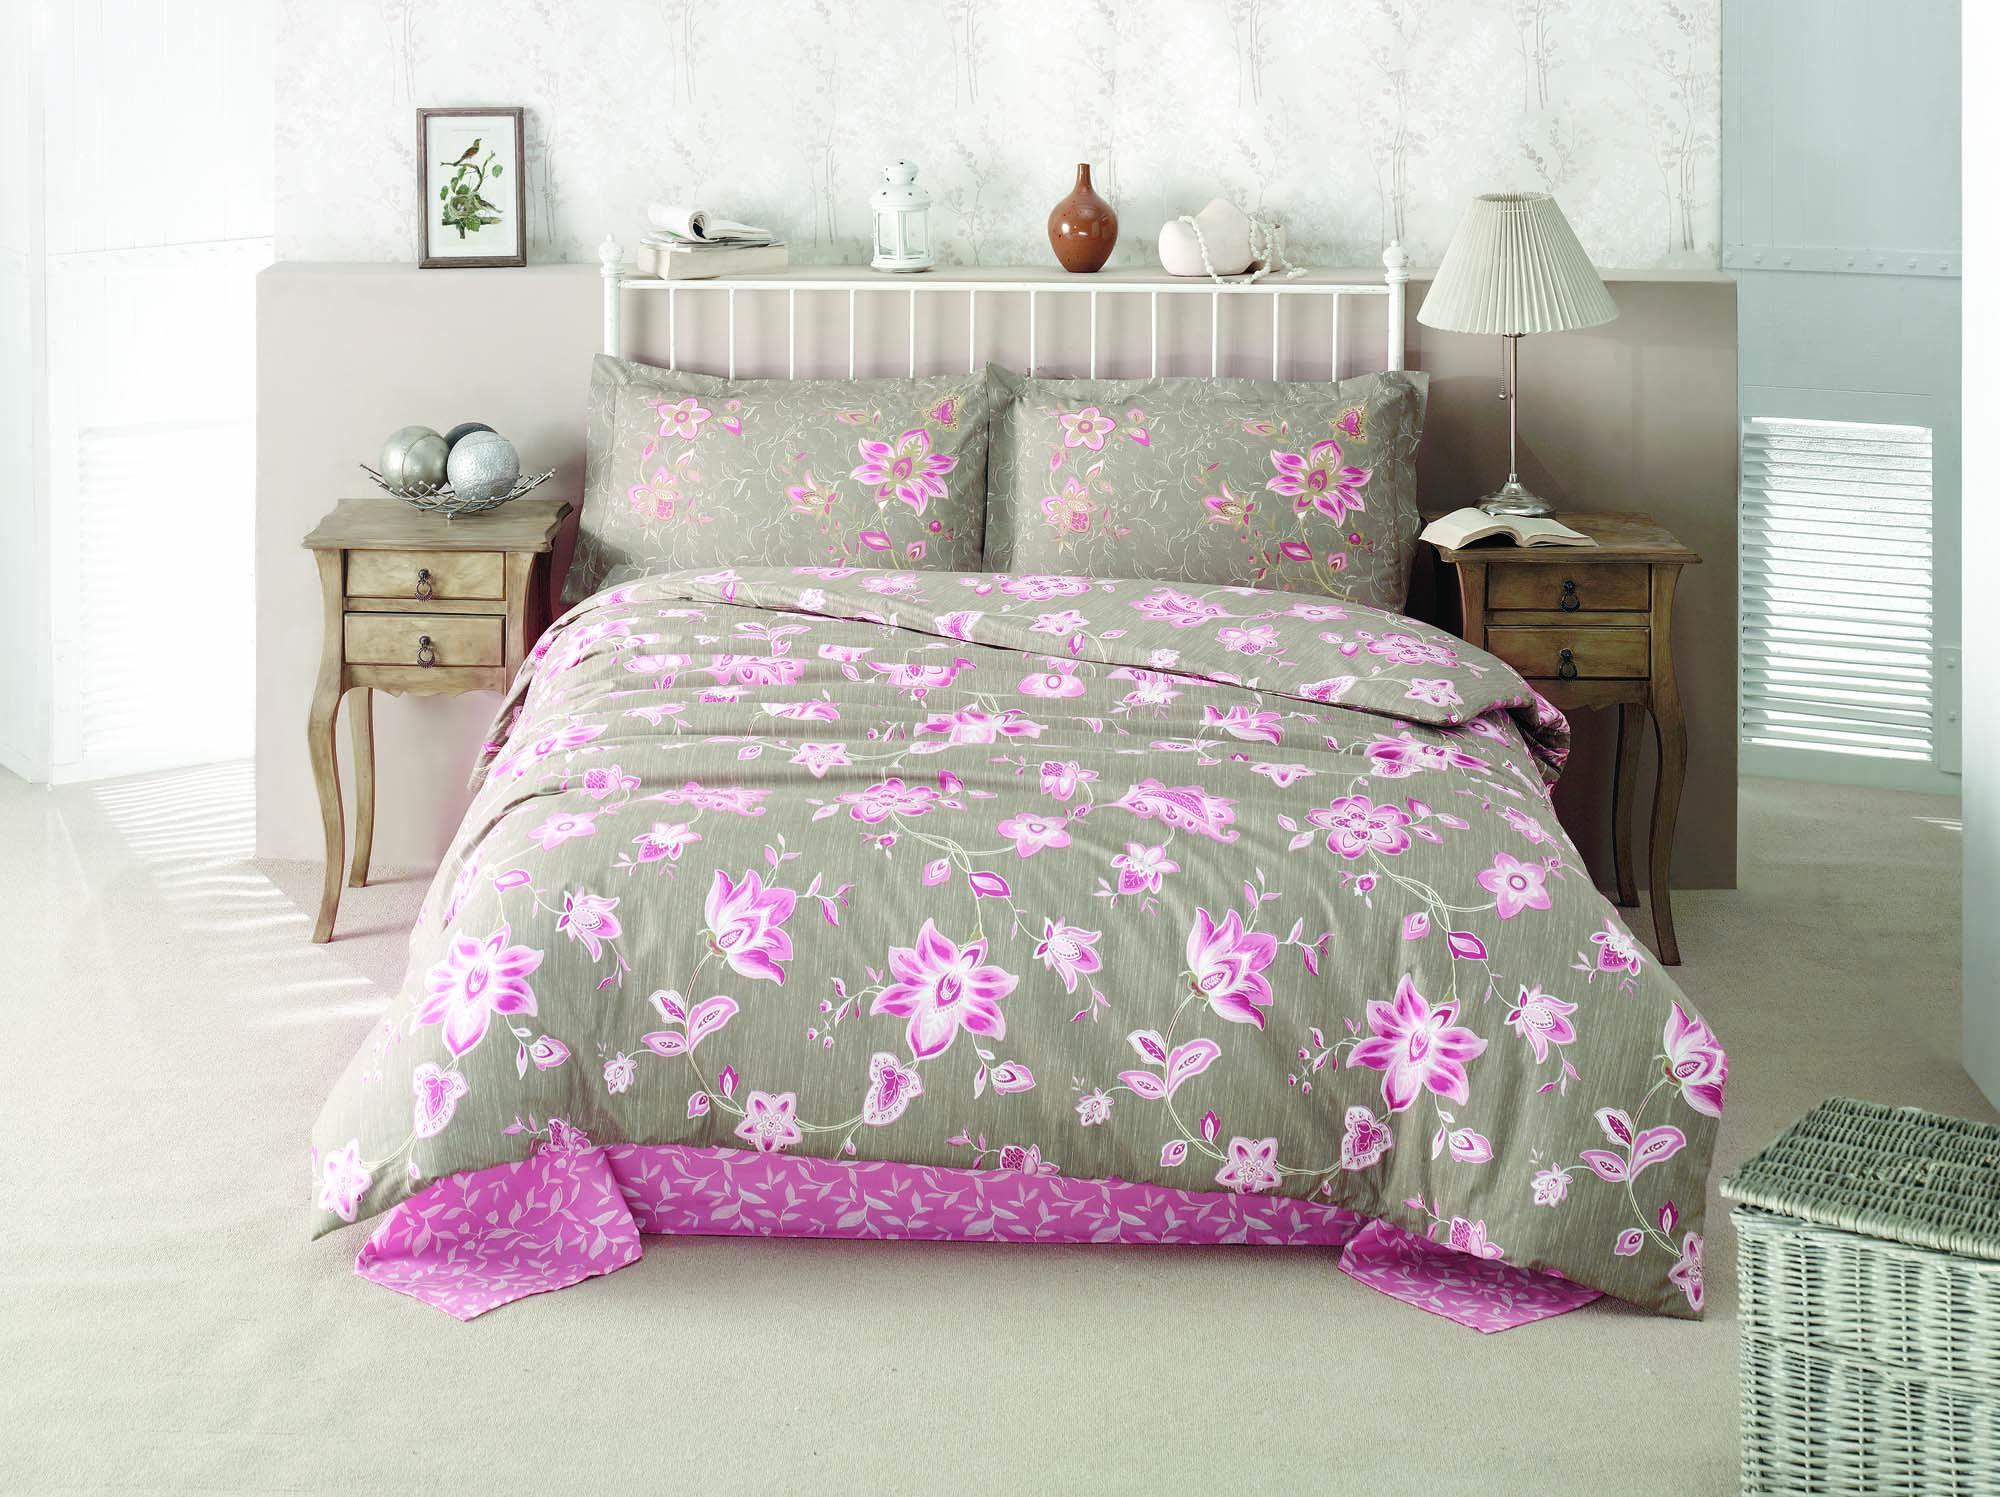 Комплект белья Clasy Belinay, семейный, наволочки 50х70, цвет: розовый, серыйS03301004Комплект постельного белья Clasy Belinay изготовлен в Турции из высококачественного ранфорса на одной из ведущих фабрик.Выбирая постельное белье Clasy Belinay вы будете приятно удивлены качественной выделкой ткани, красивыми и модными расцветками, а так же его отличным качеством. Все наволочки у комплектов Clasy Belinay имеют клапан без пуговиц и молнии. Все пододеяльники с пуговицами.